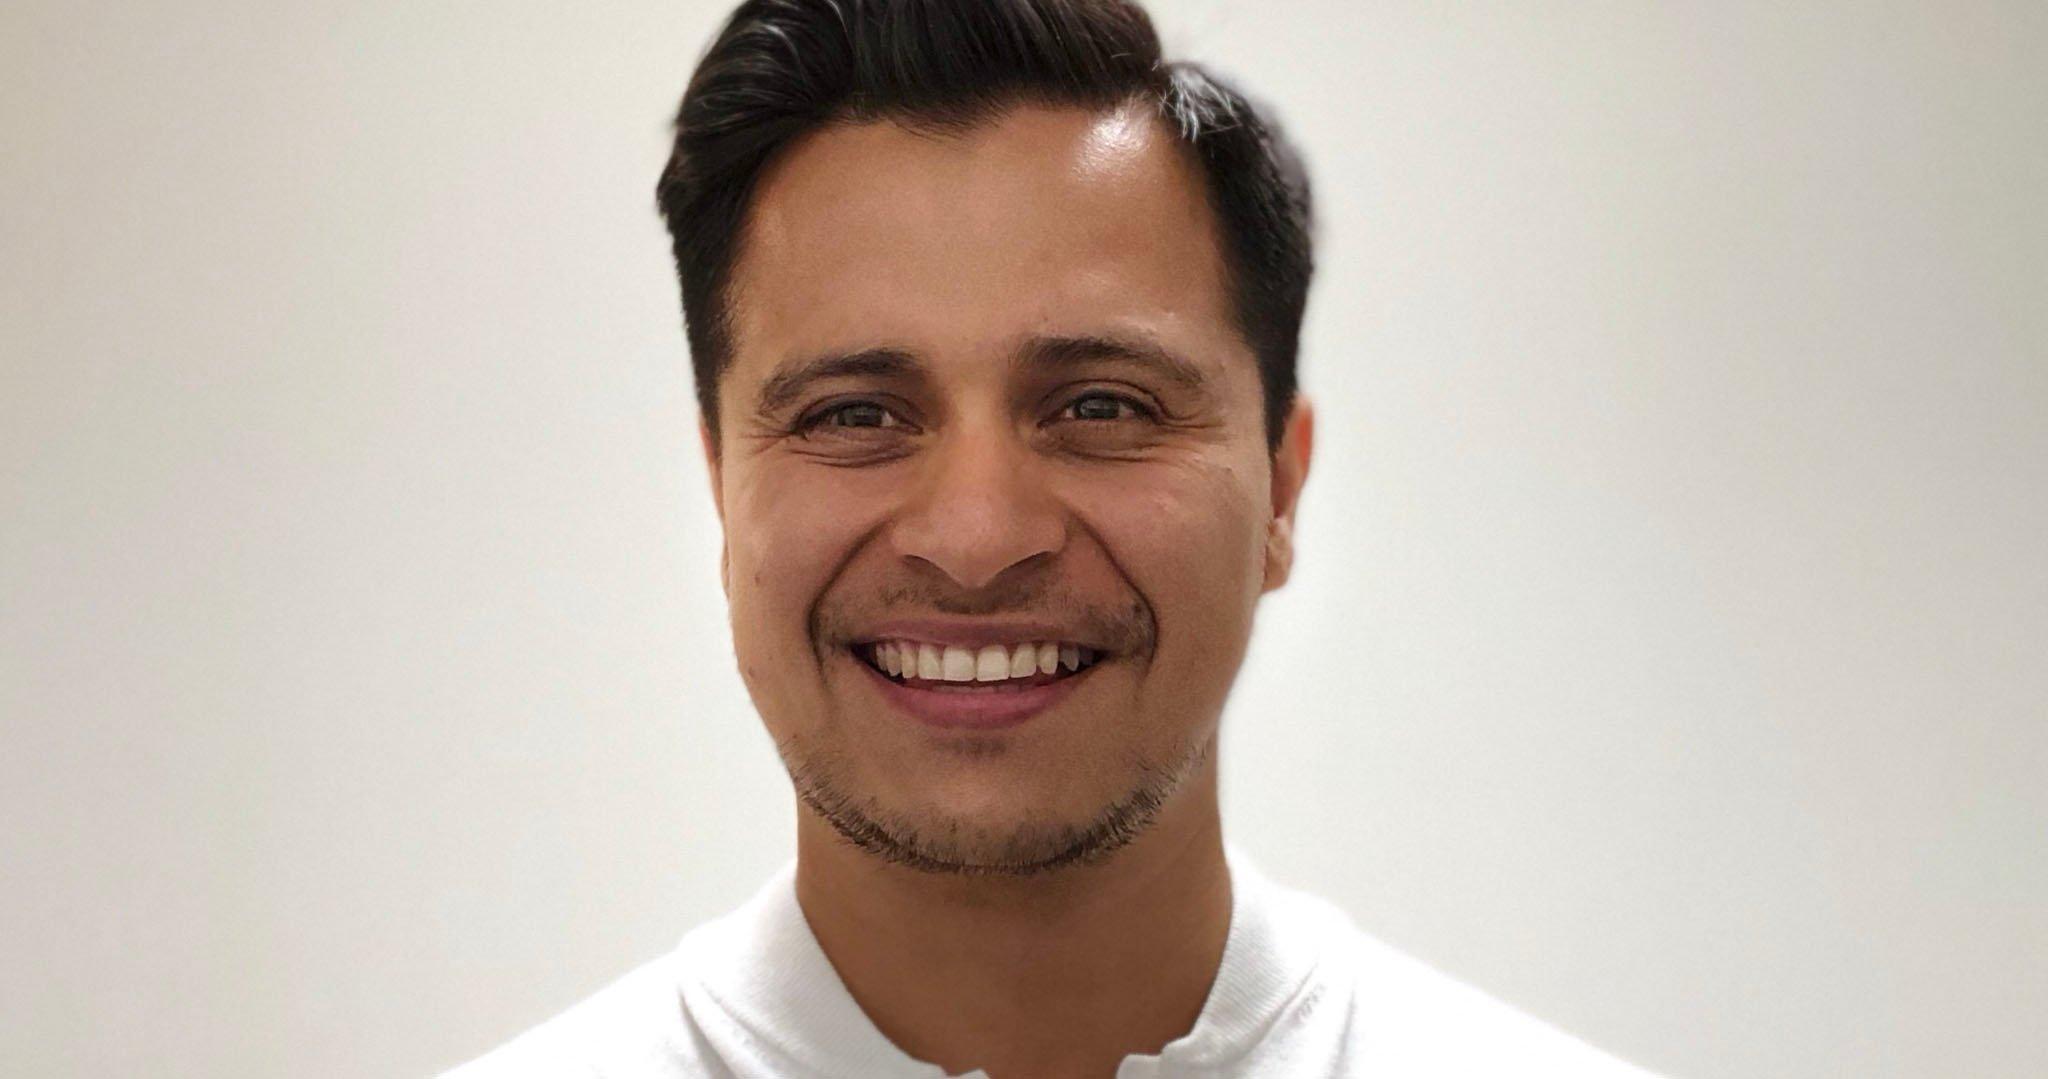 Hector Rivas from Mediabooster